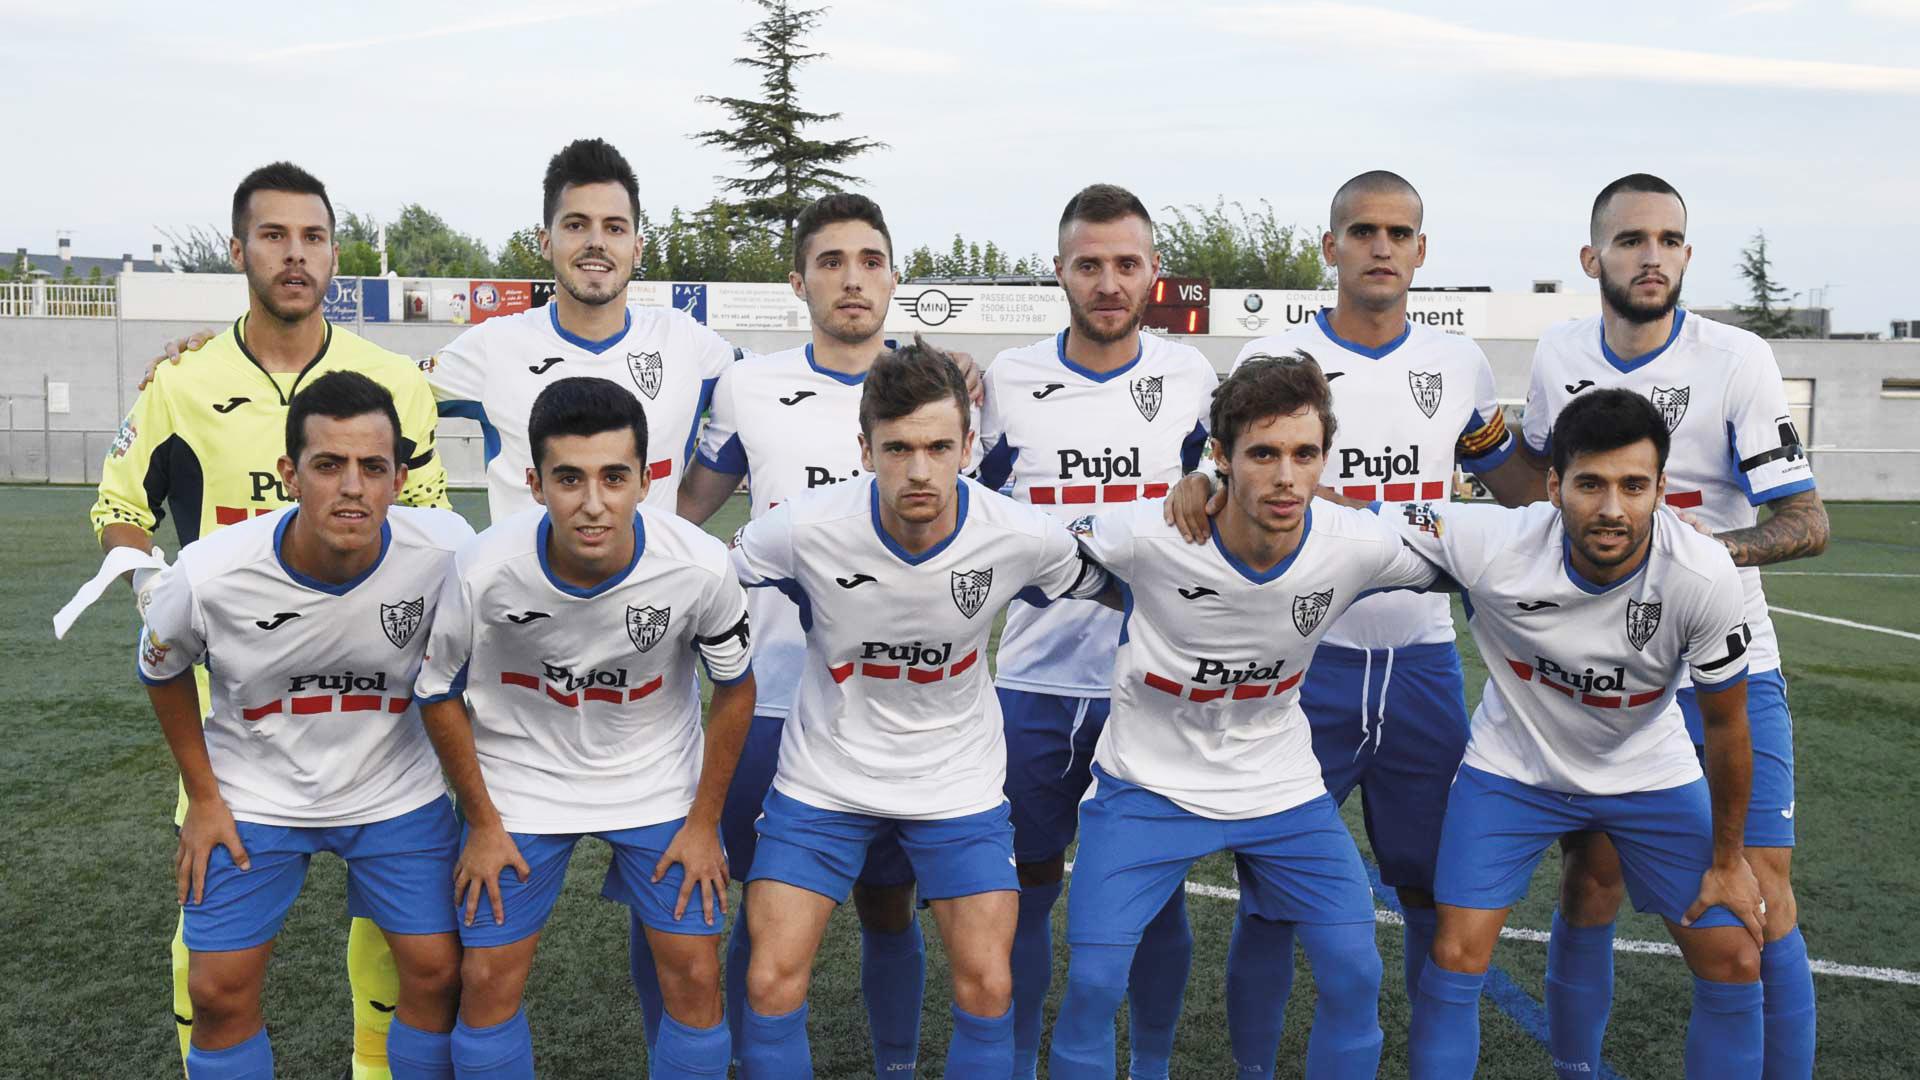 Federació Catalana de Futbol (FCF)